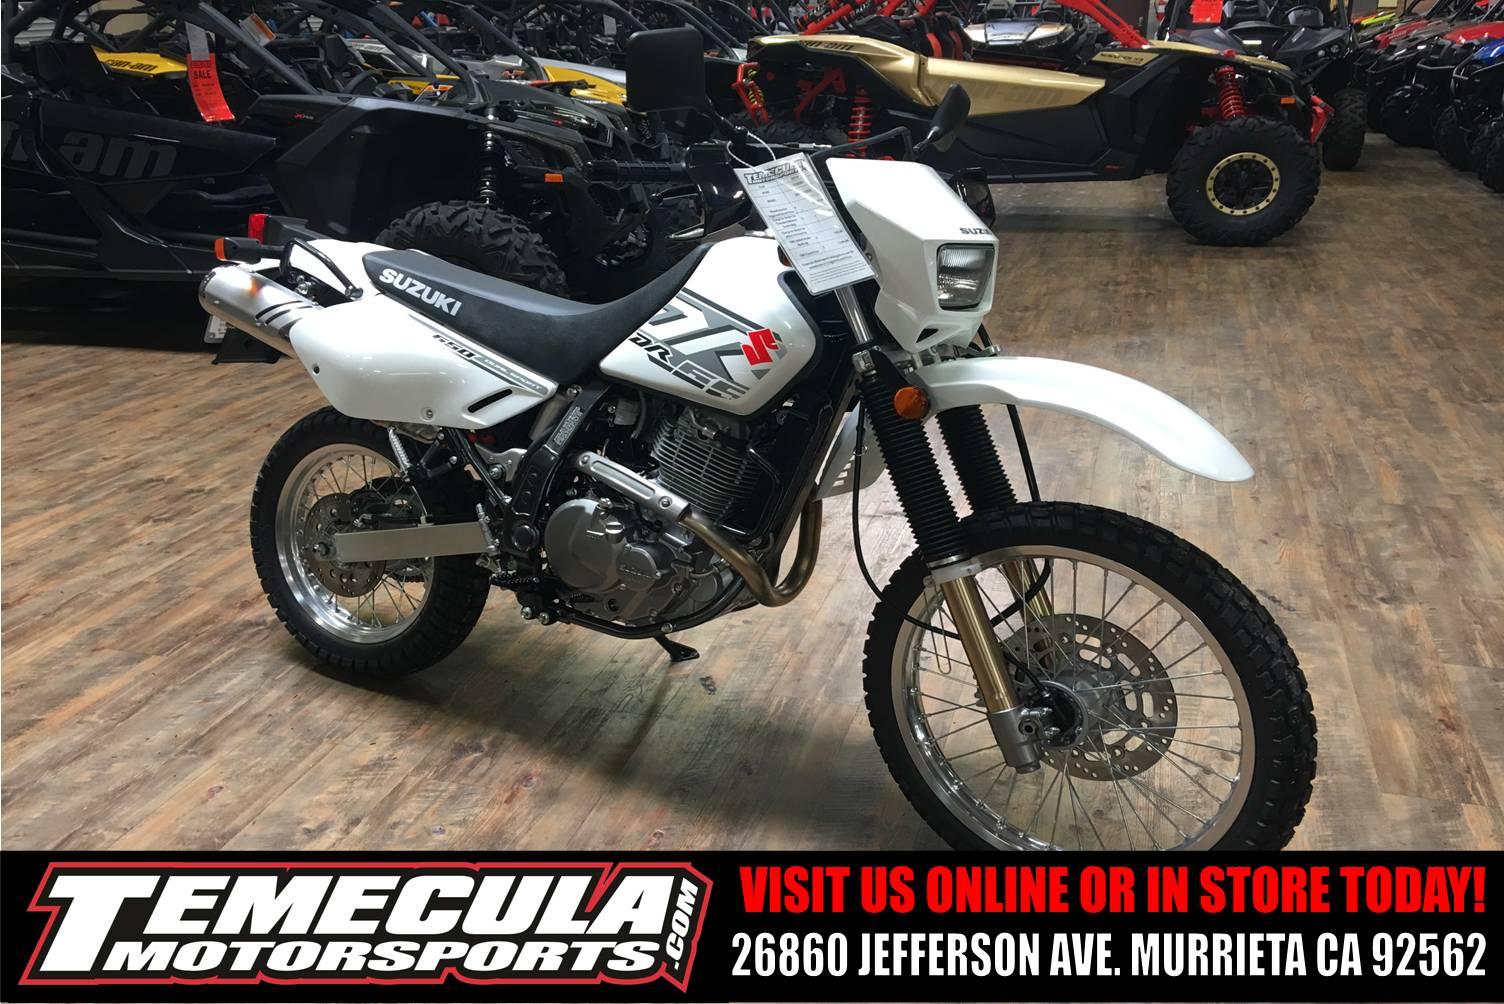 New 2018 Suzuki DR650S Motorcycles in Murrieta, CA | Stock Number ...